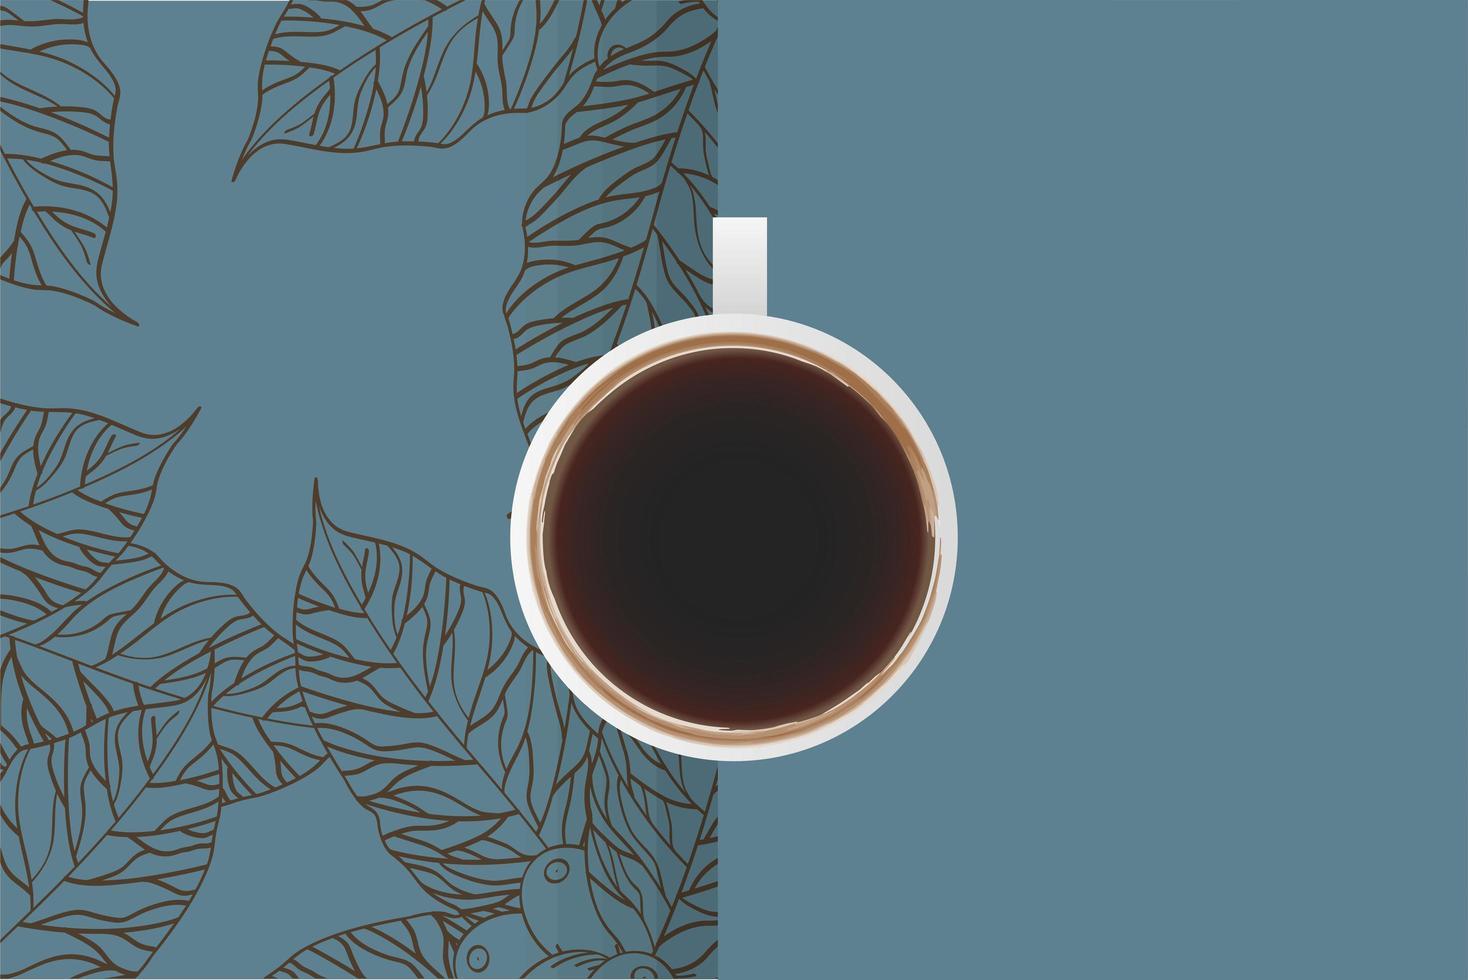 Tasse Kaffee Draufsicht mit Blättern vektor